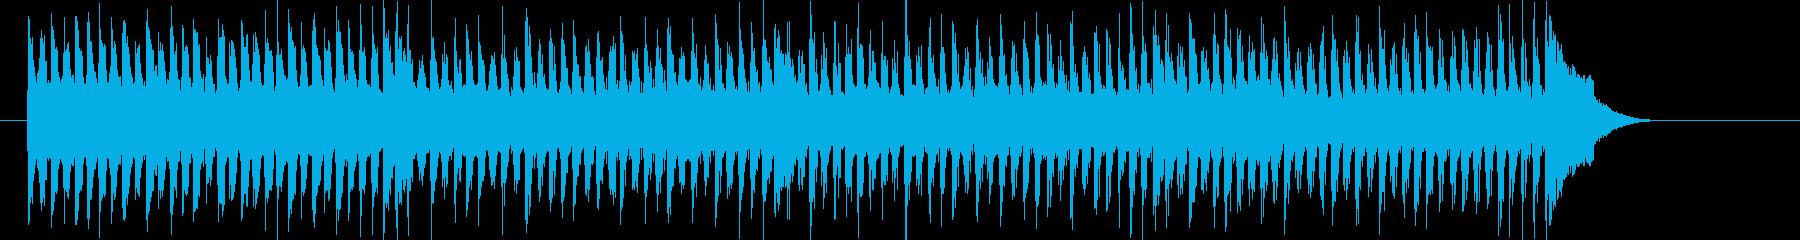 甘酸っぱさ漂うJ-POPの再生済みの波形